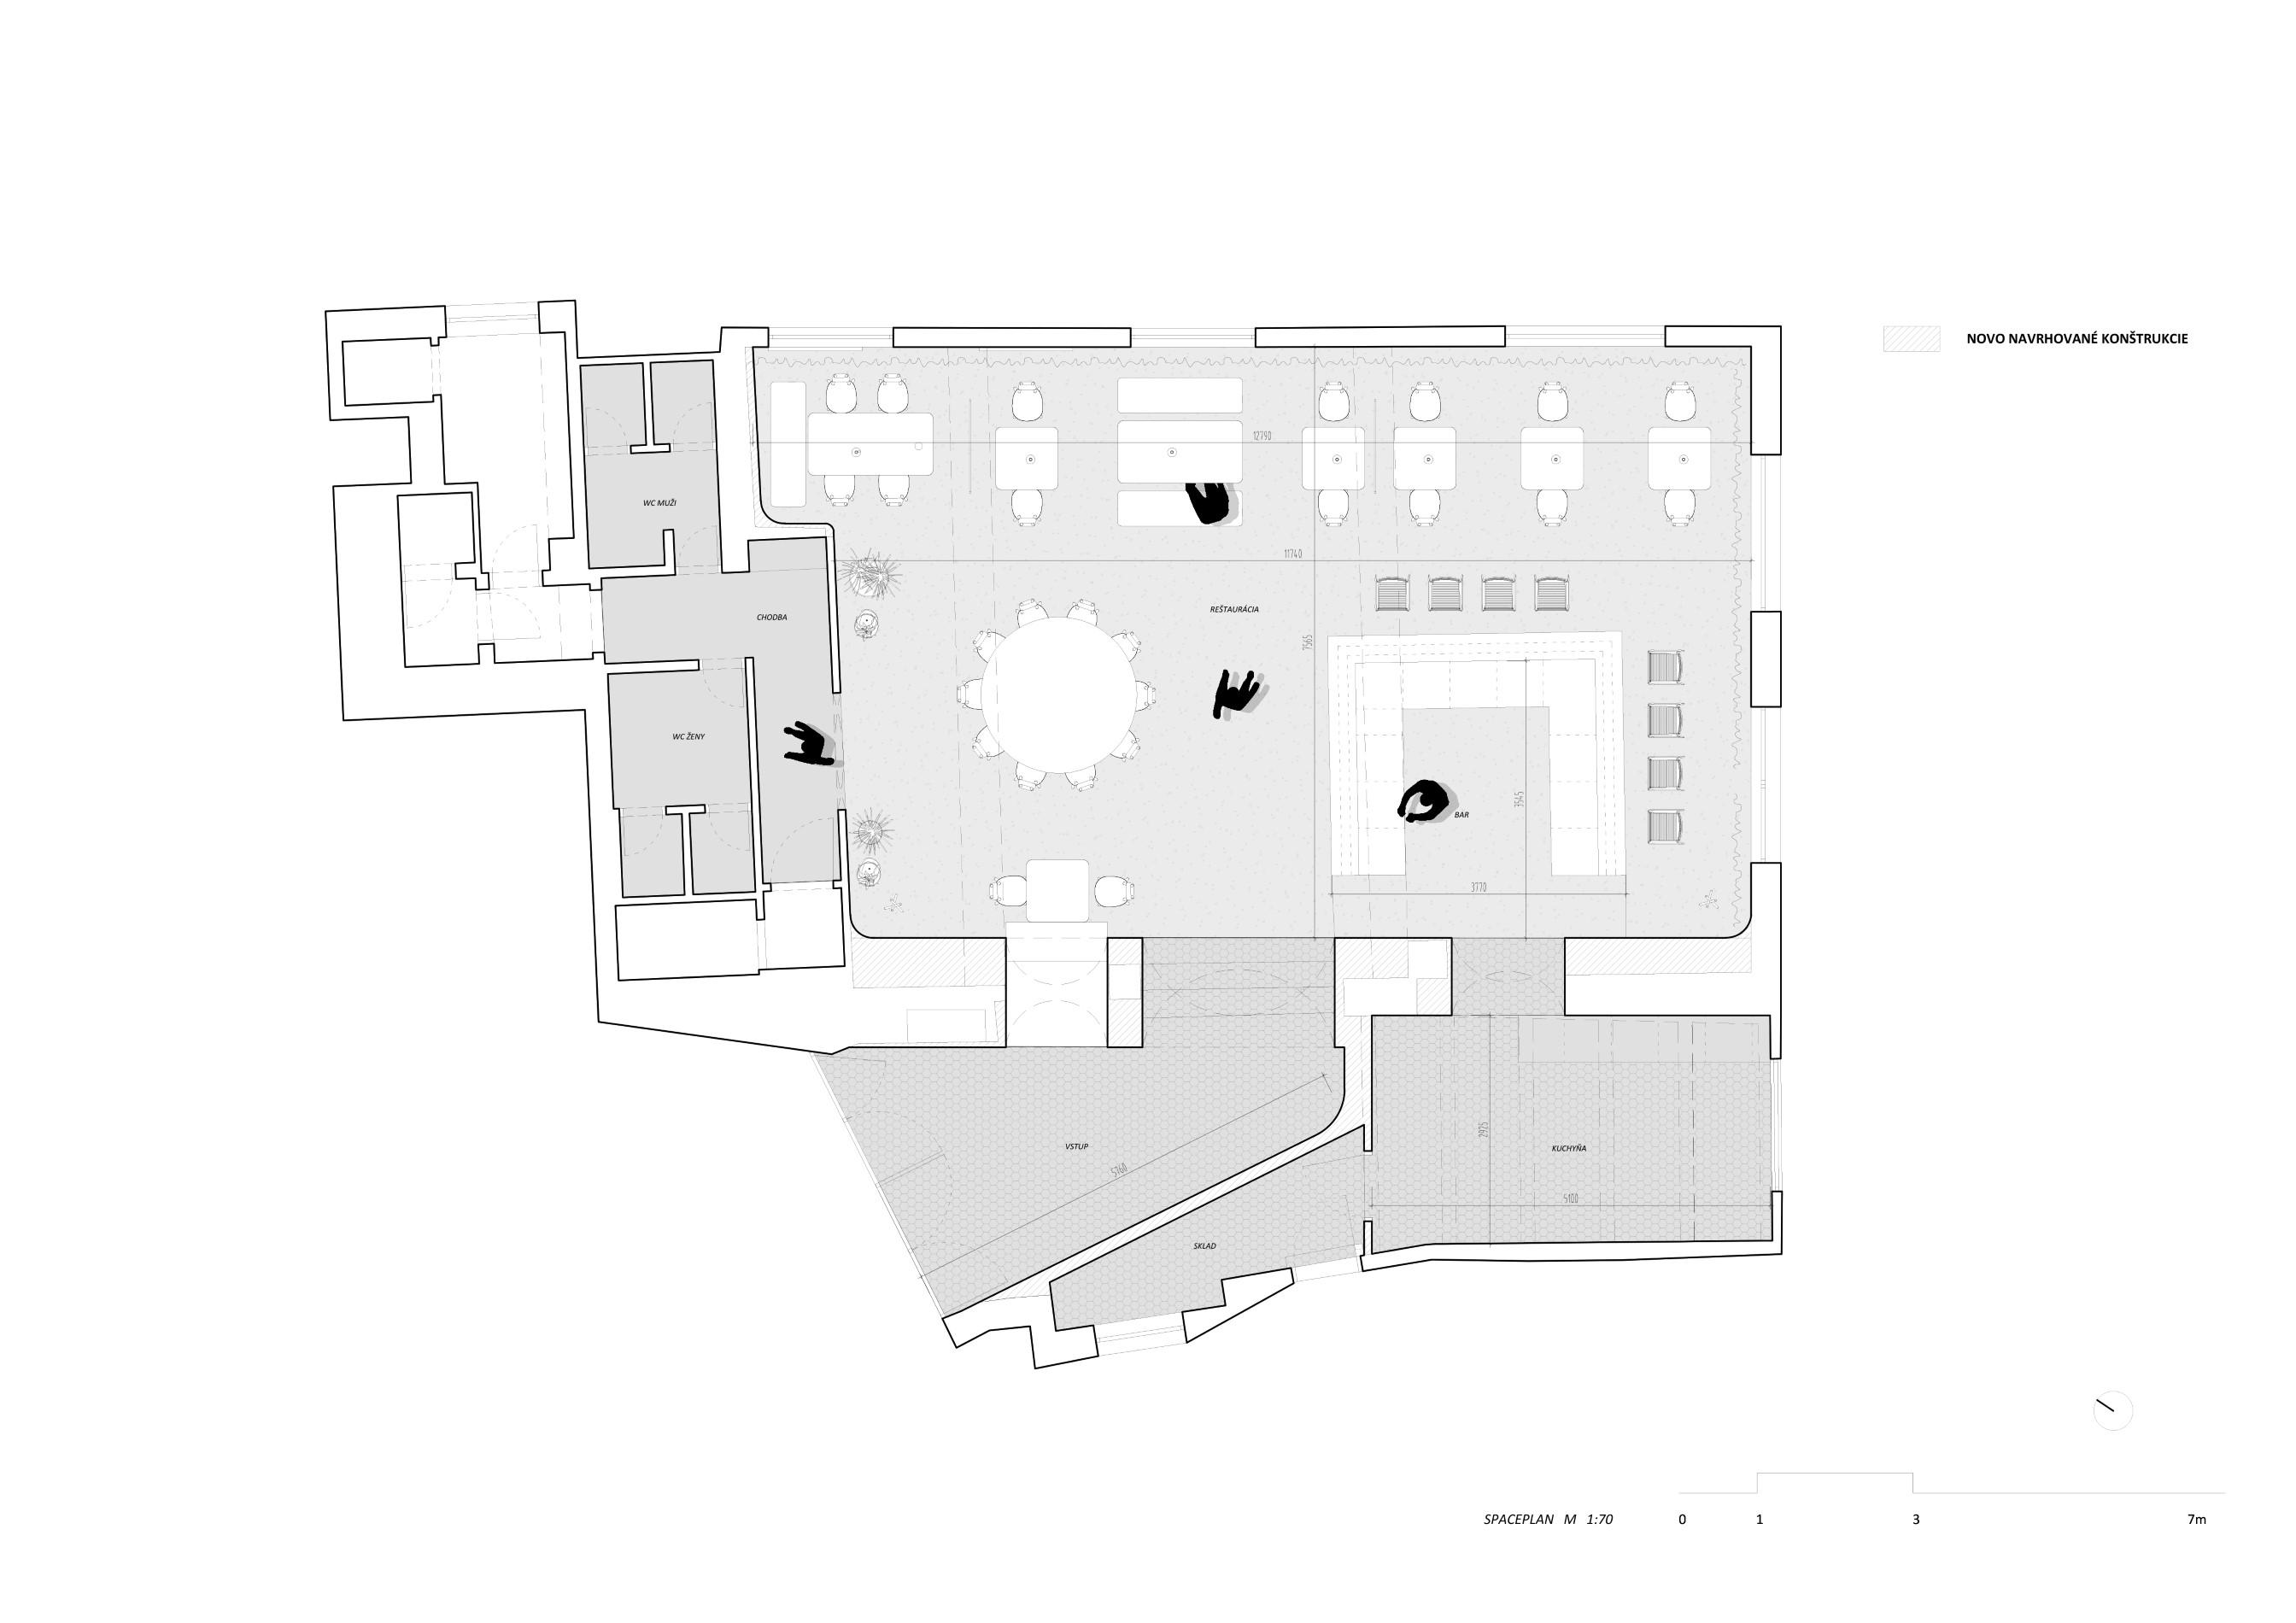 floorplan-studia-Custom.jpg